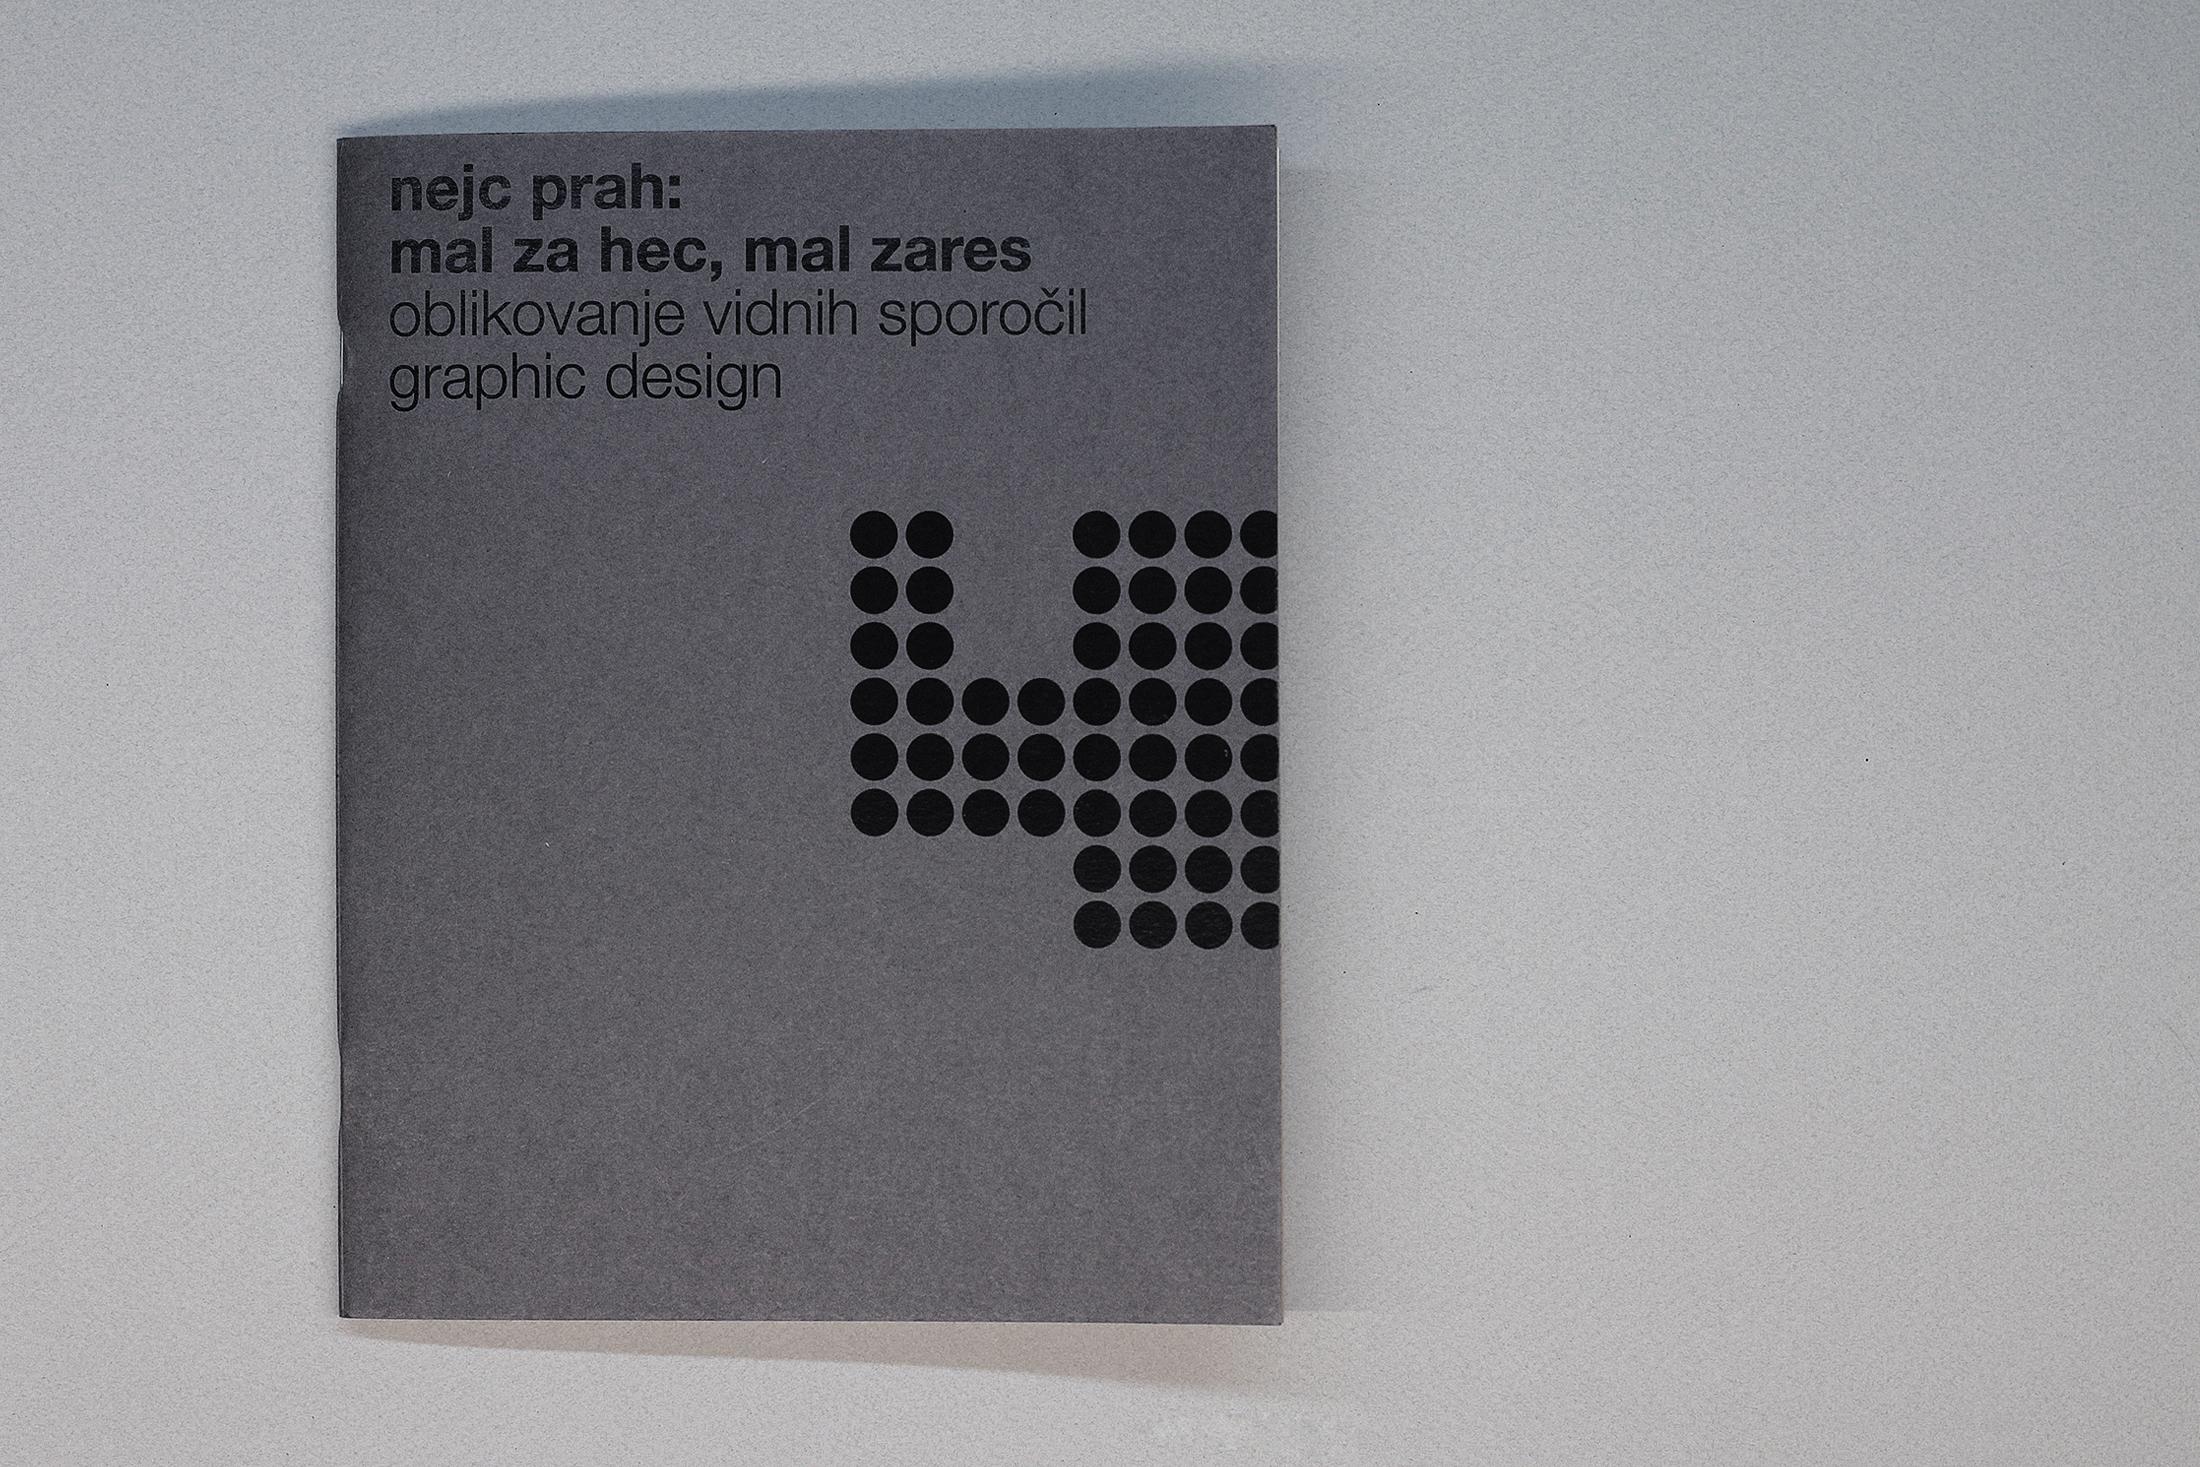 katalog_prah_sch_01.JPG